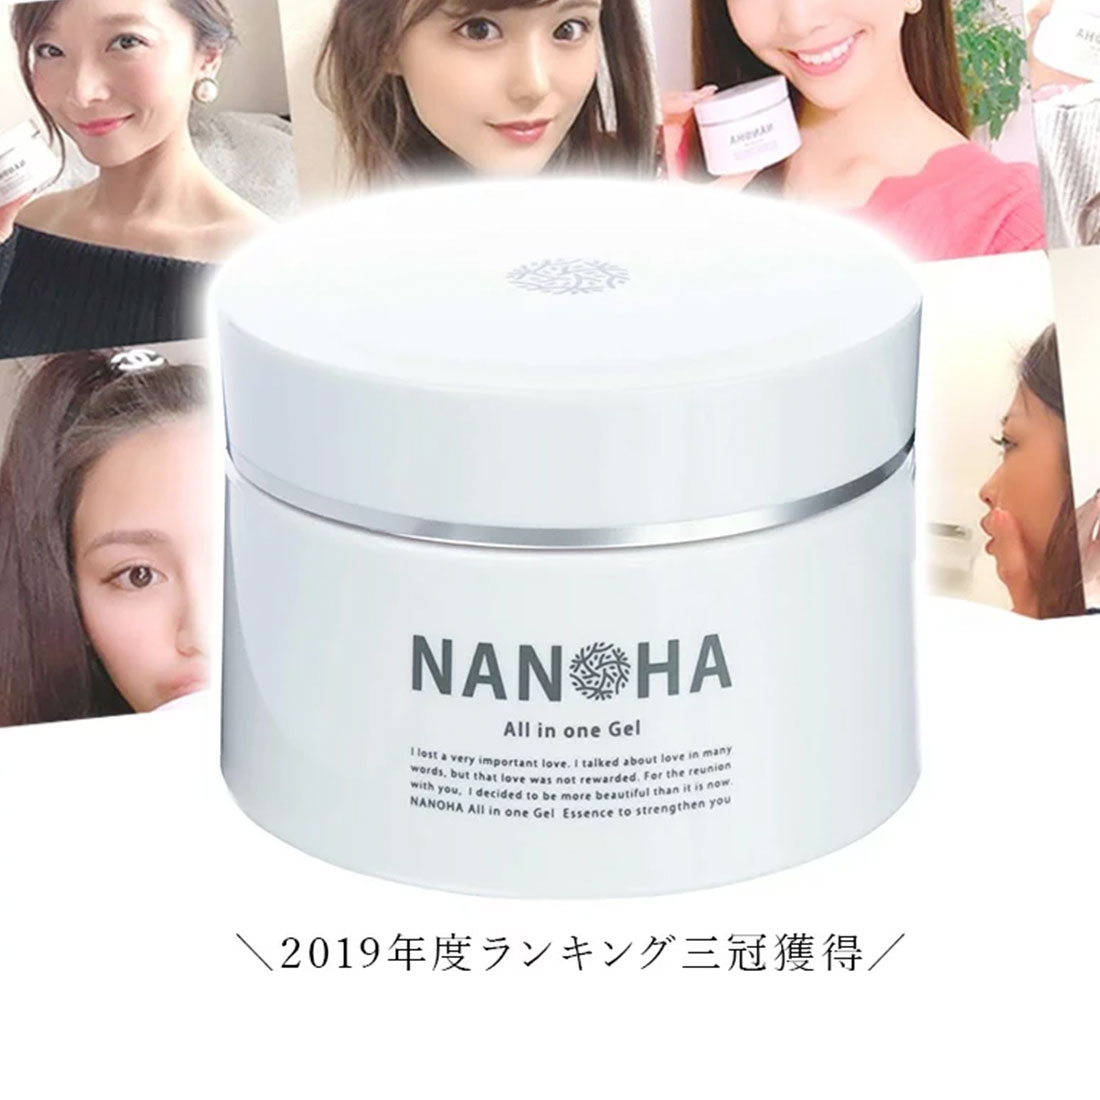 ヒト幹細胞 配合 美容液 『NANOHA(ナノハ)』 オールインワンジェル